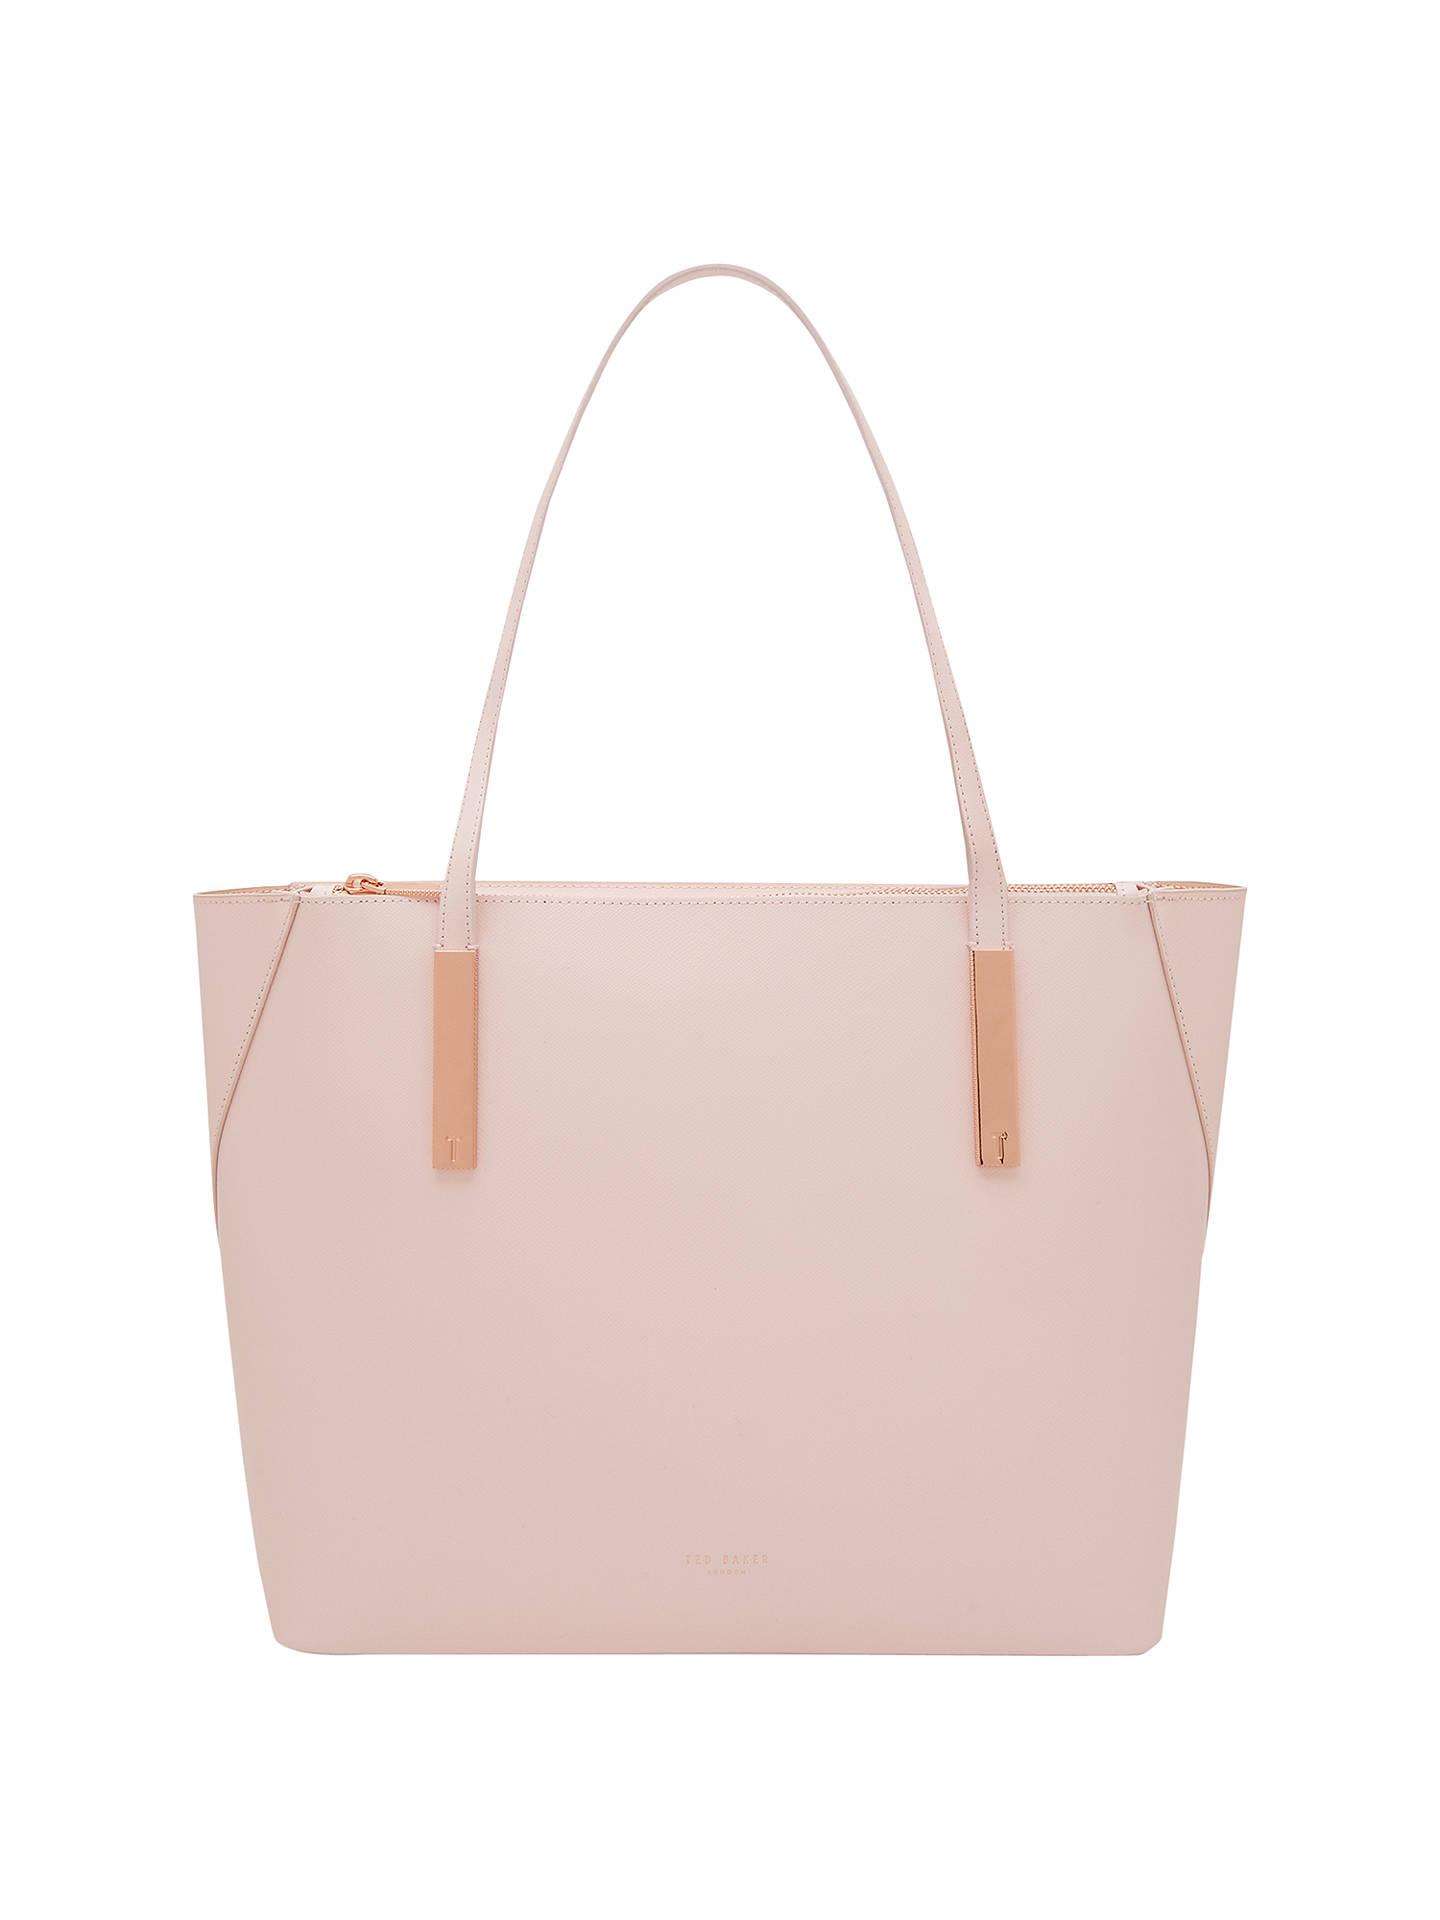 12b451b32 Buy Ted Baker Poppey Leather Shopper Bag